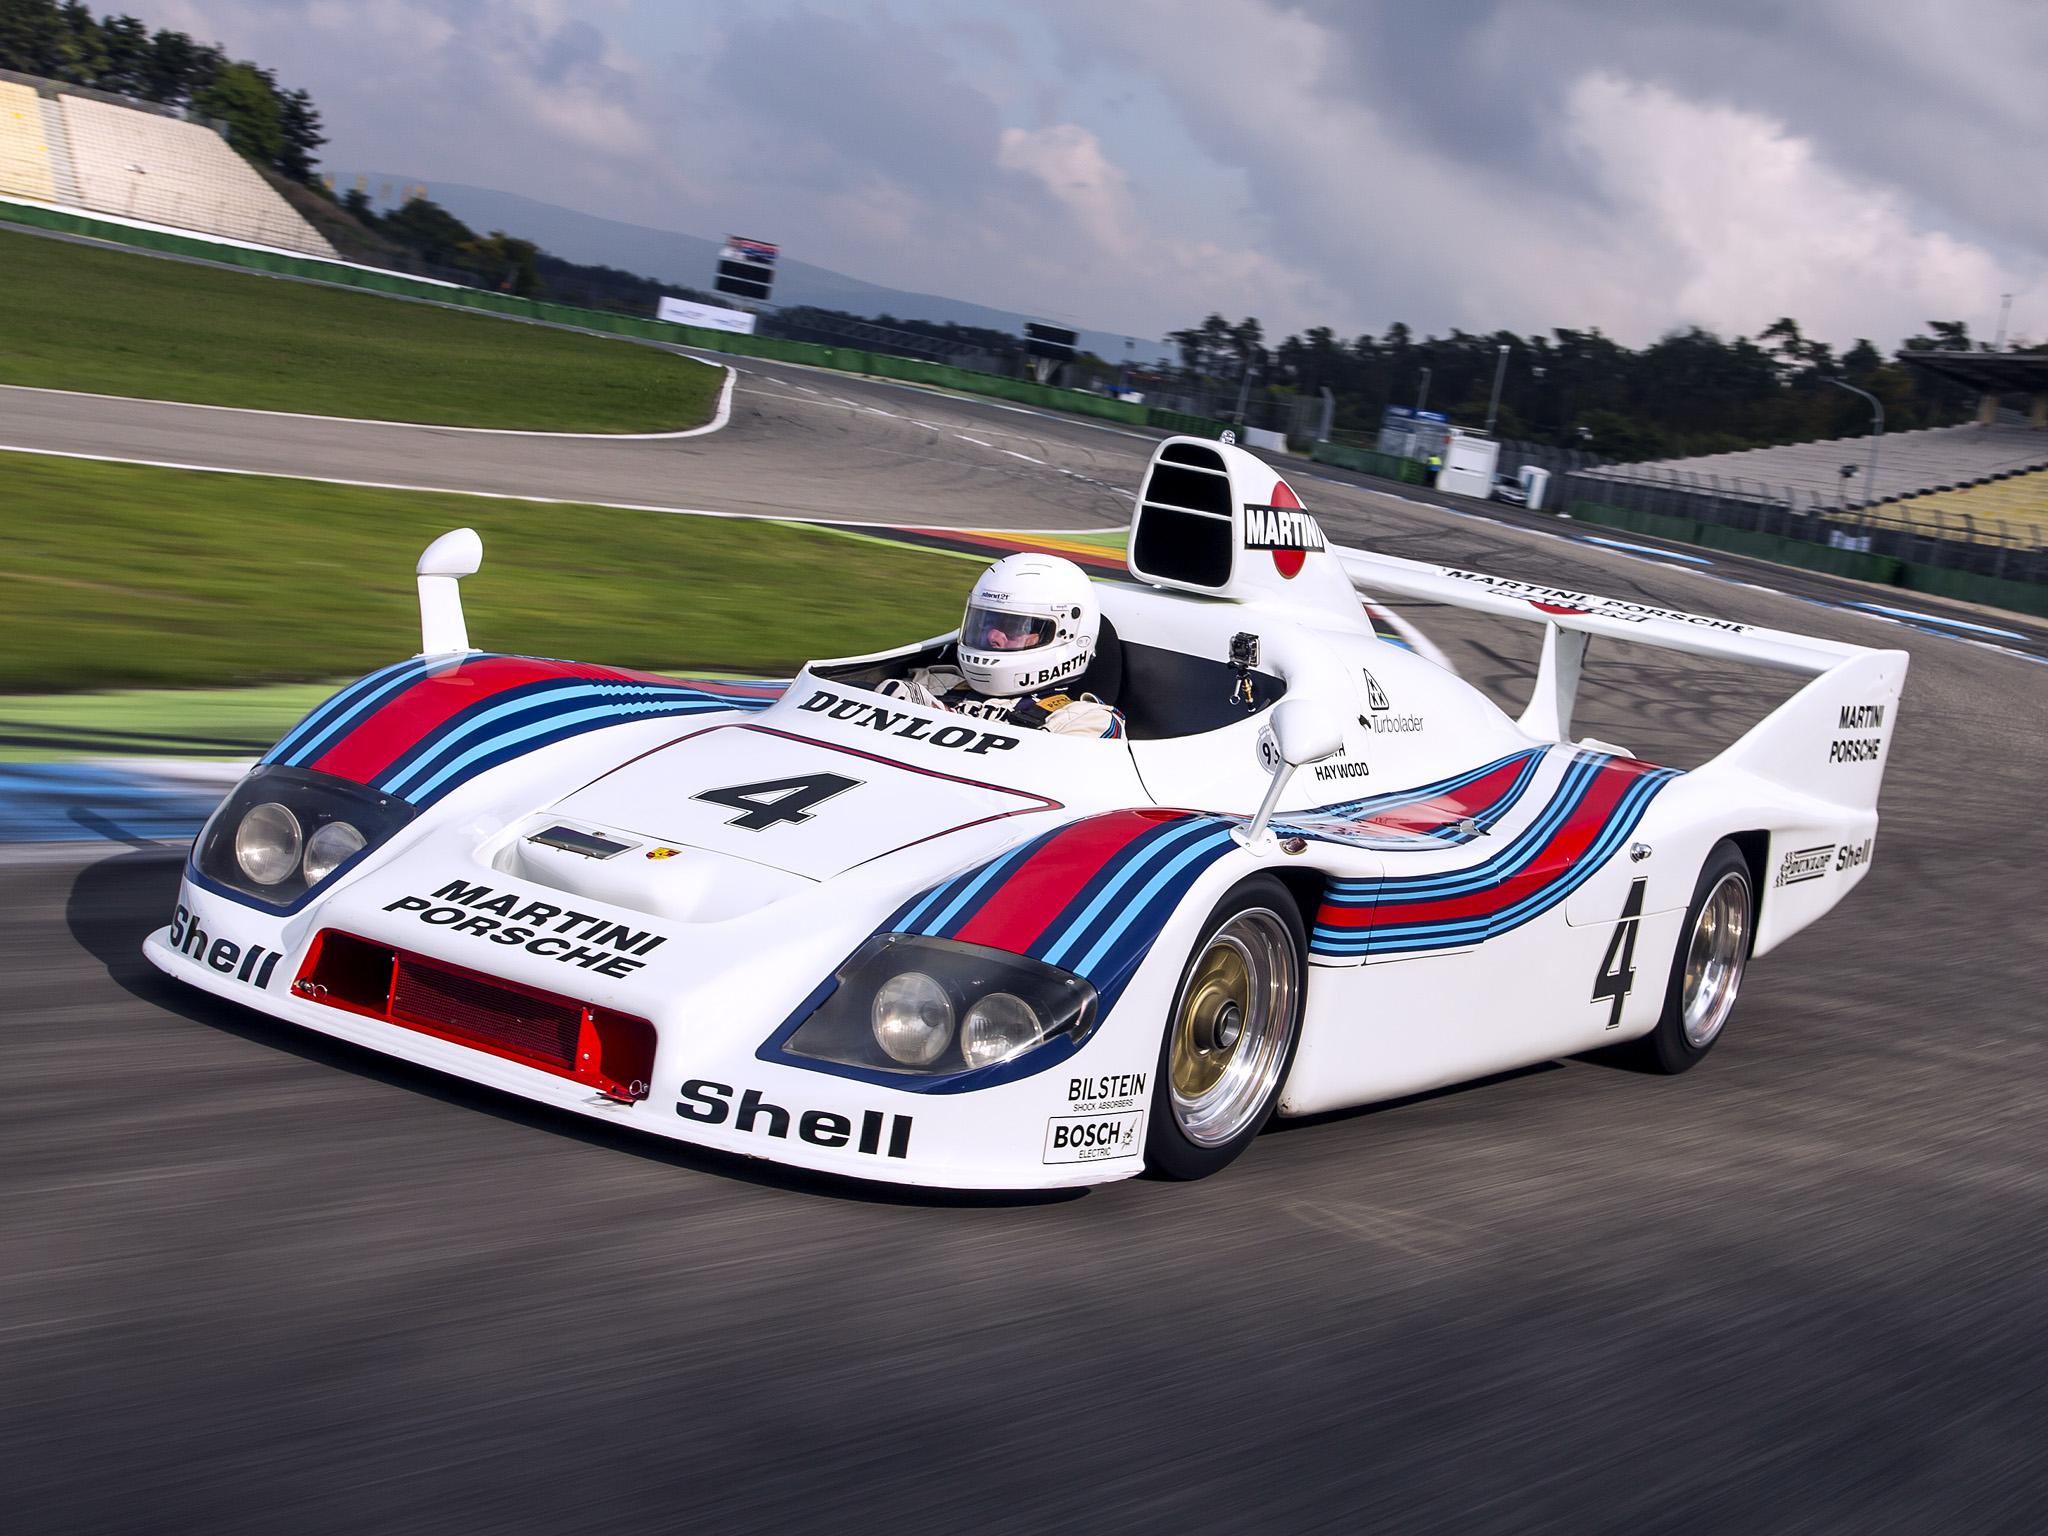 1977 Porsche 936 77 Spyder Race Racing Le Mans 936 F